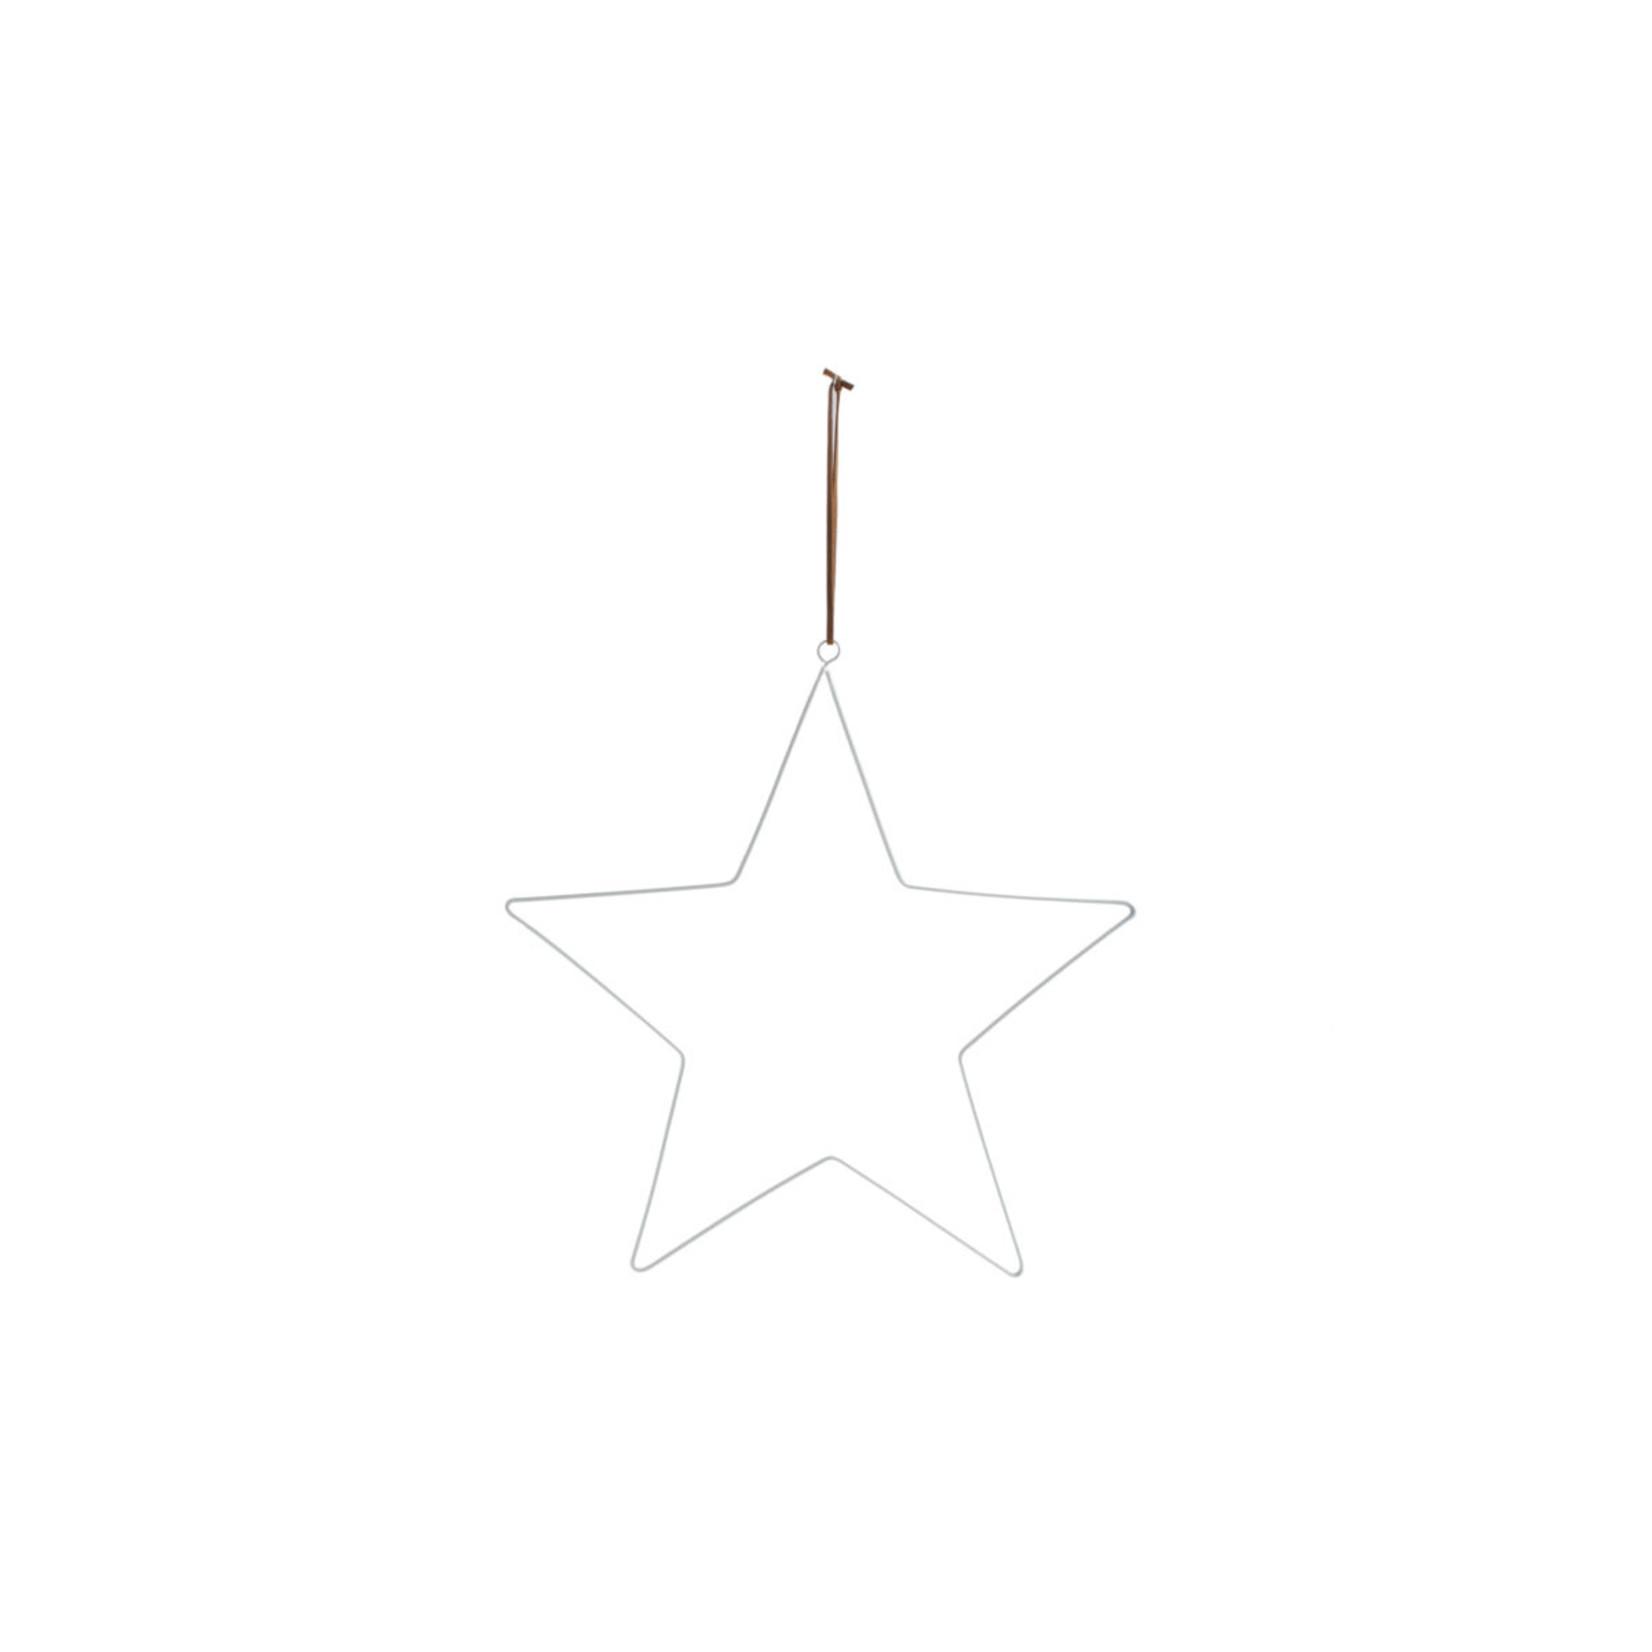 Storefactory  Stern Starholm klein